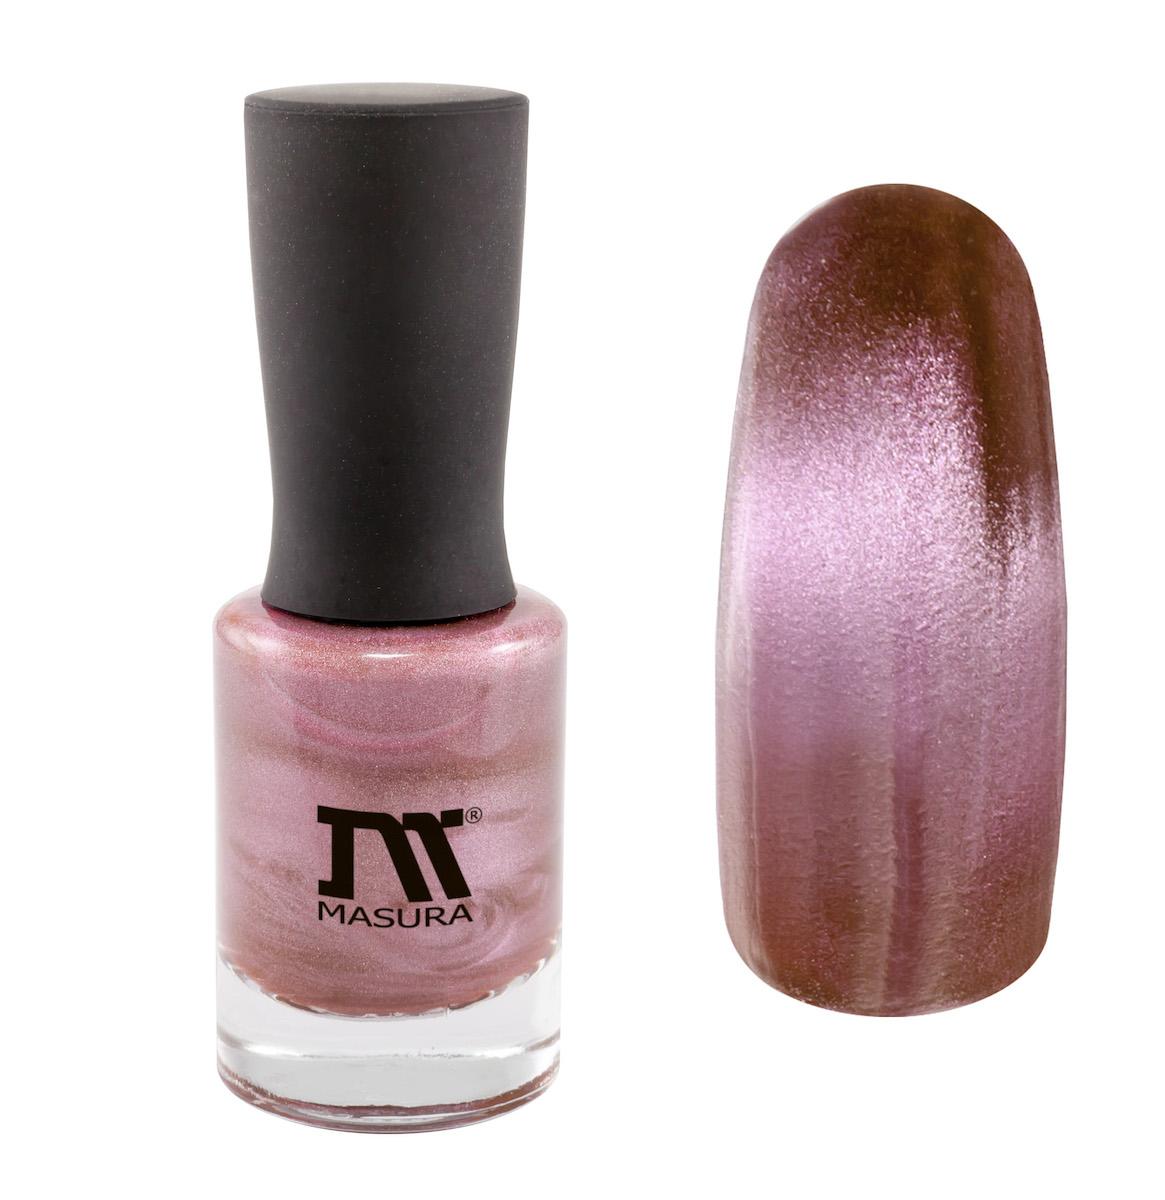 Masura Лак для ногтей Турмалин Страсти, 11 мл5010777139655нежно-розовый, с бежевым подтоном, плотный